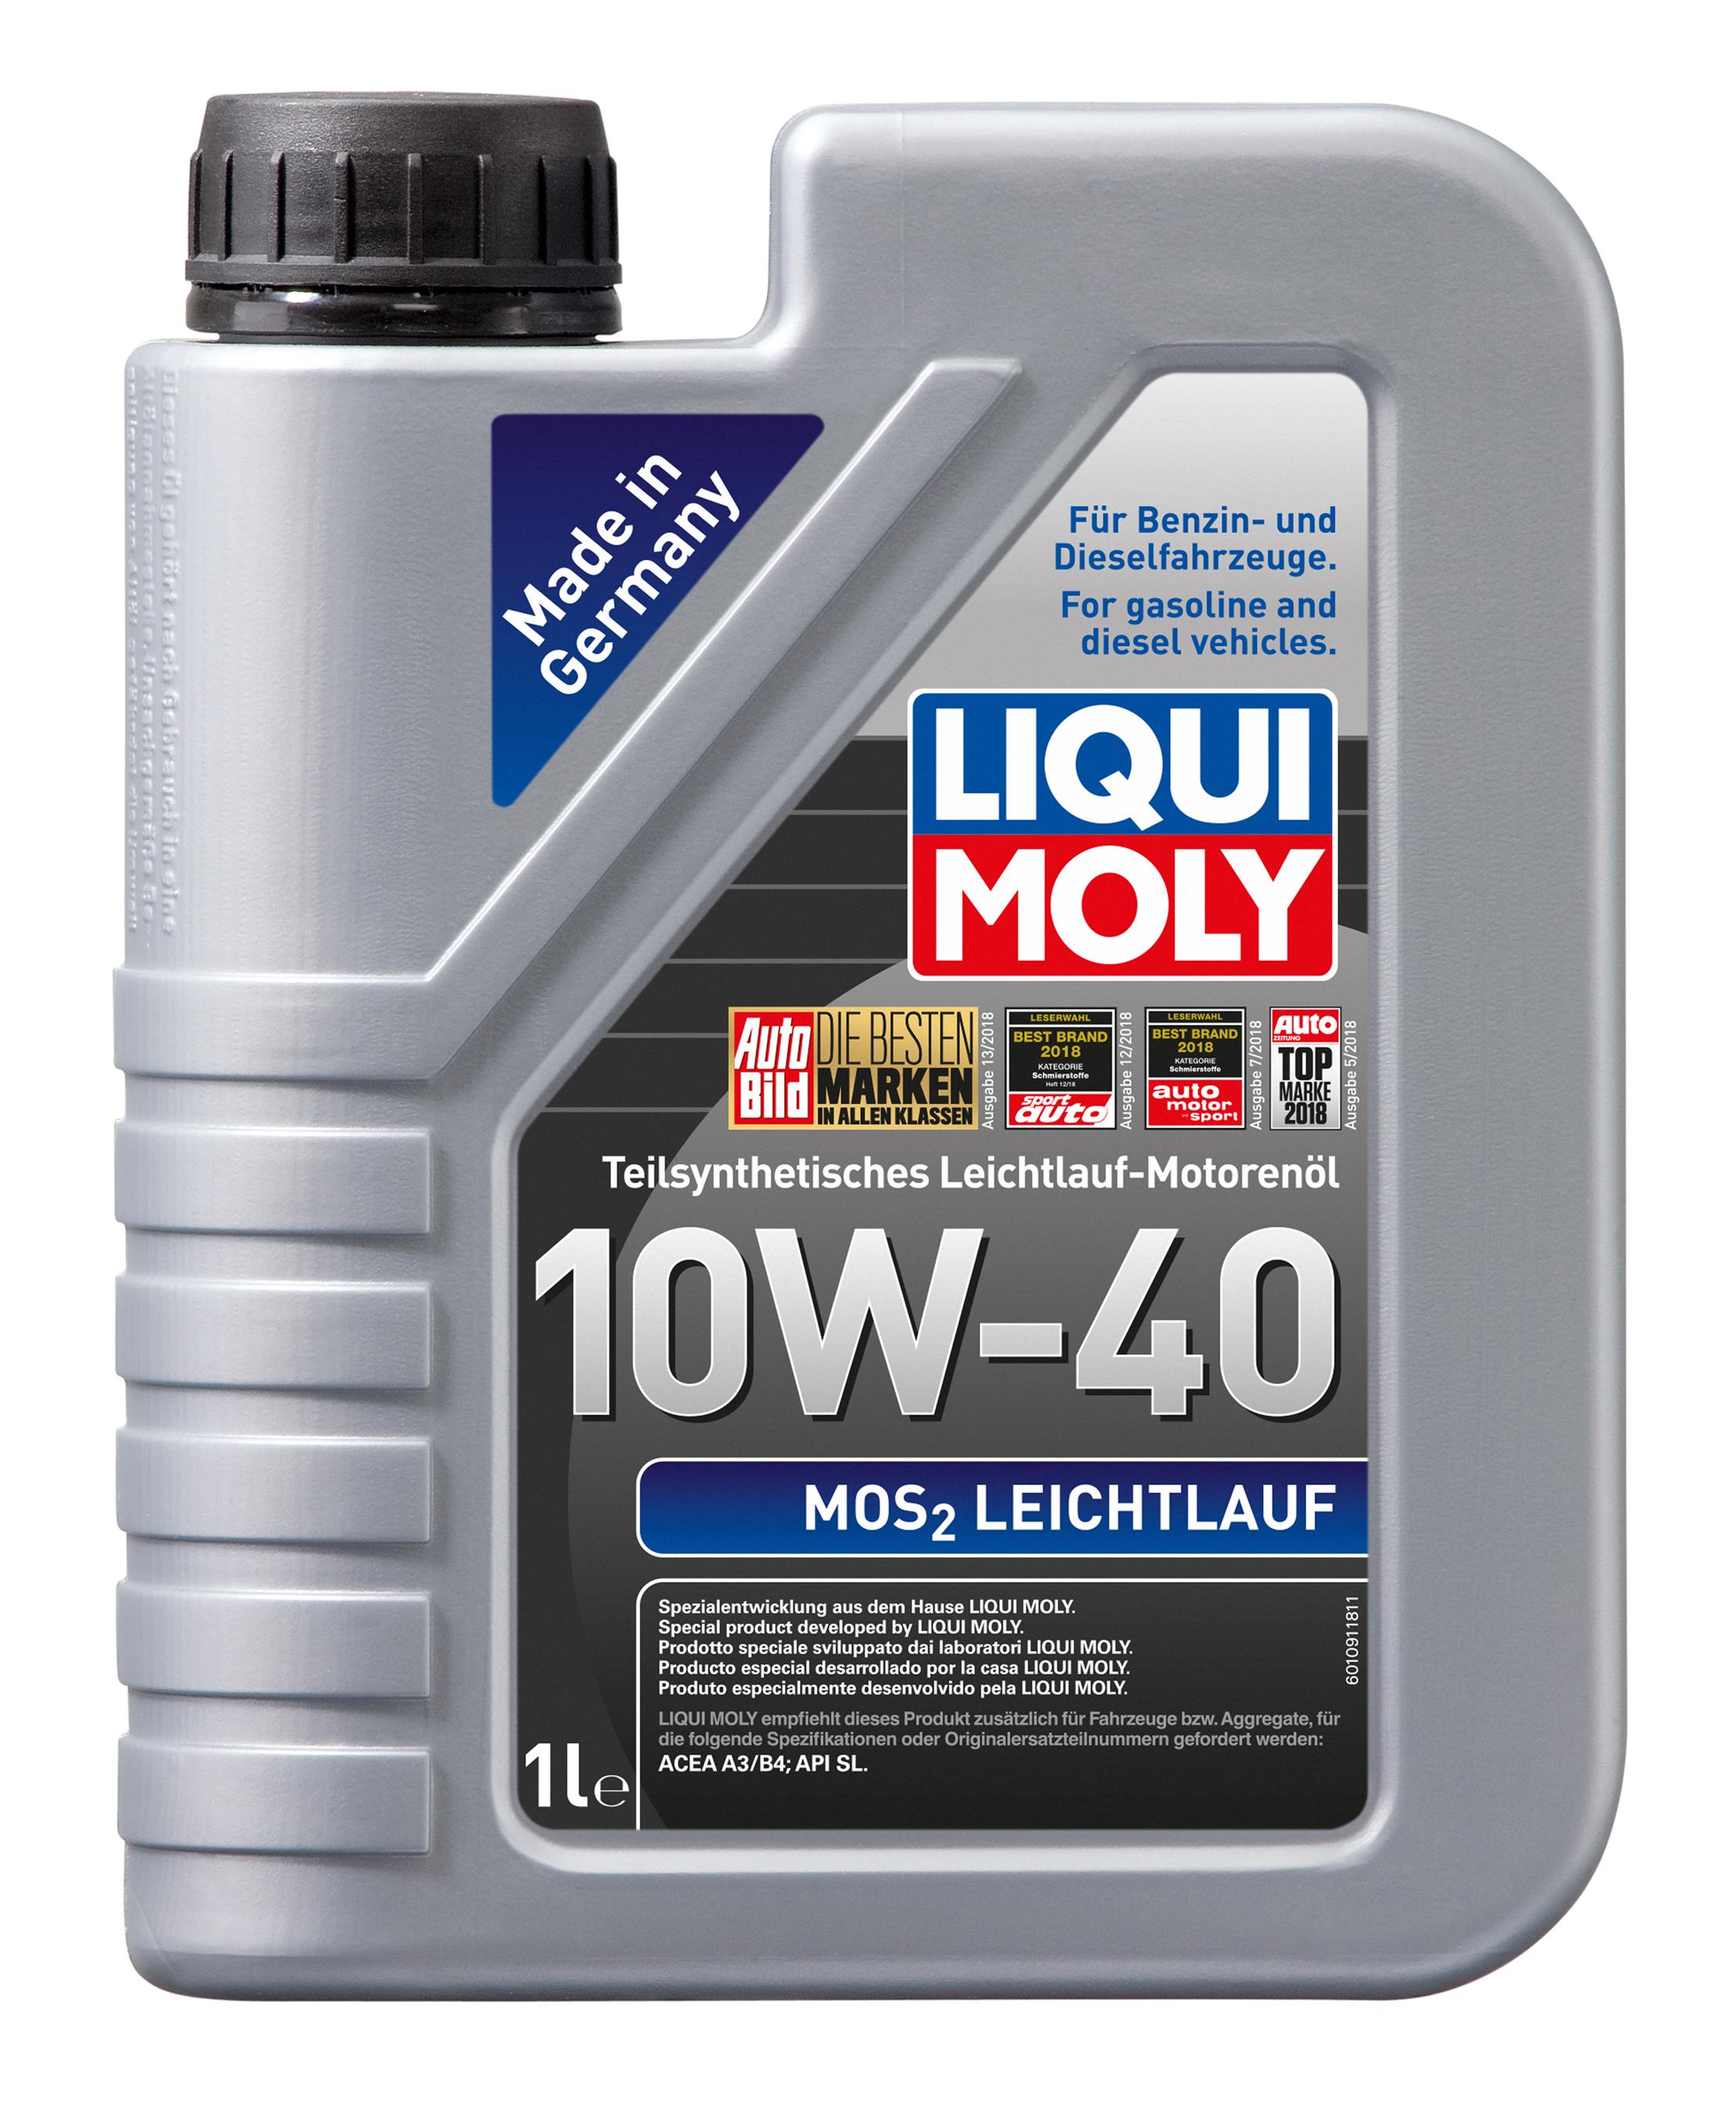 Liqui Moly Leichtlaufmotoröl MoS2 Leichtlauf 10W-40  1 Liter Bild 1